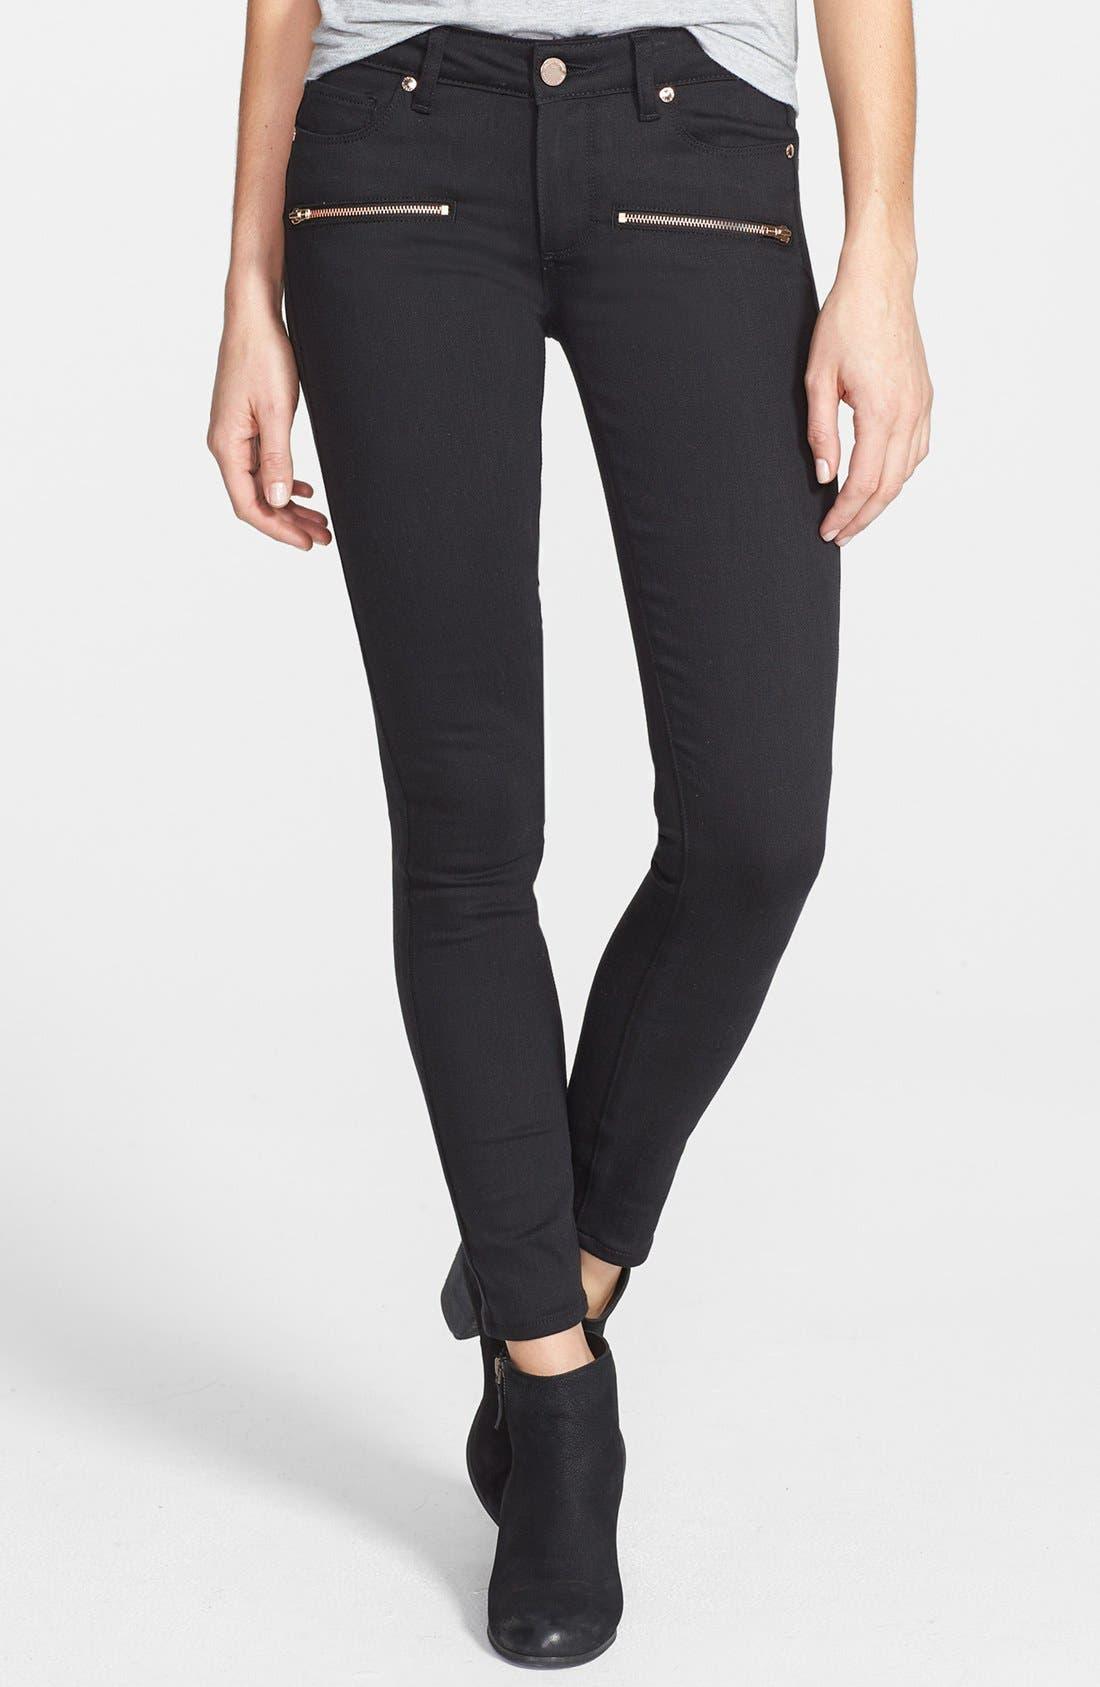 Alternate Image 1 Selected - Paige Denim 'Indio' Zip Detail Ultra Skinny Jeans (Steel Grey)